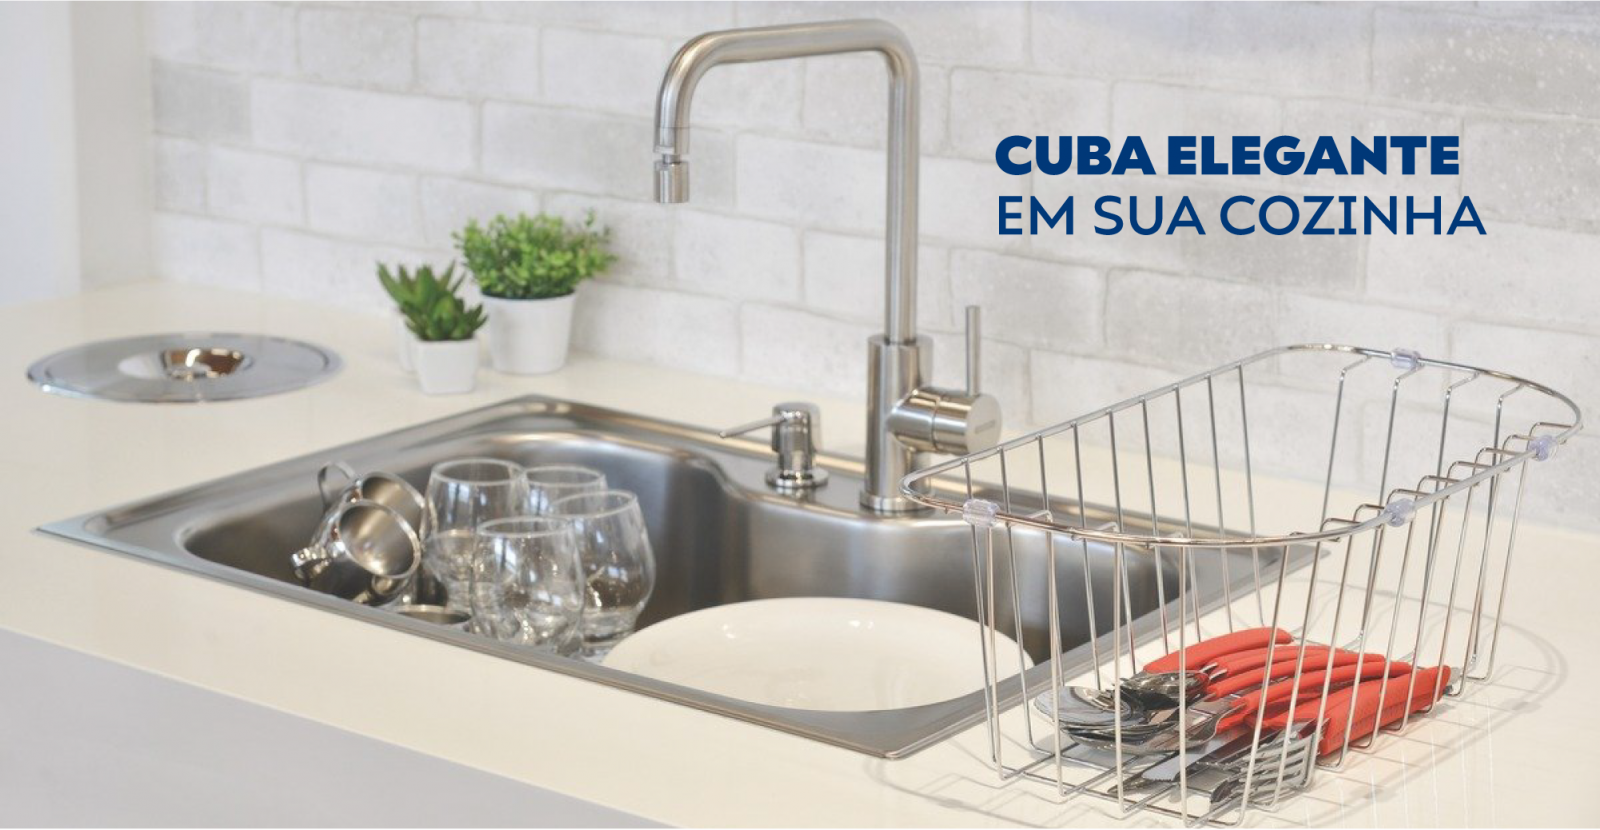 Cuba elegante em sua cozinha